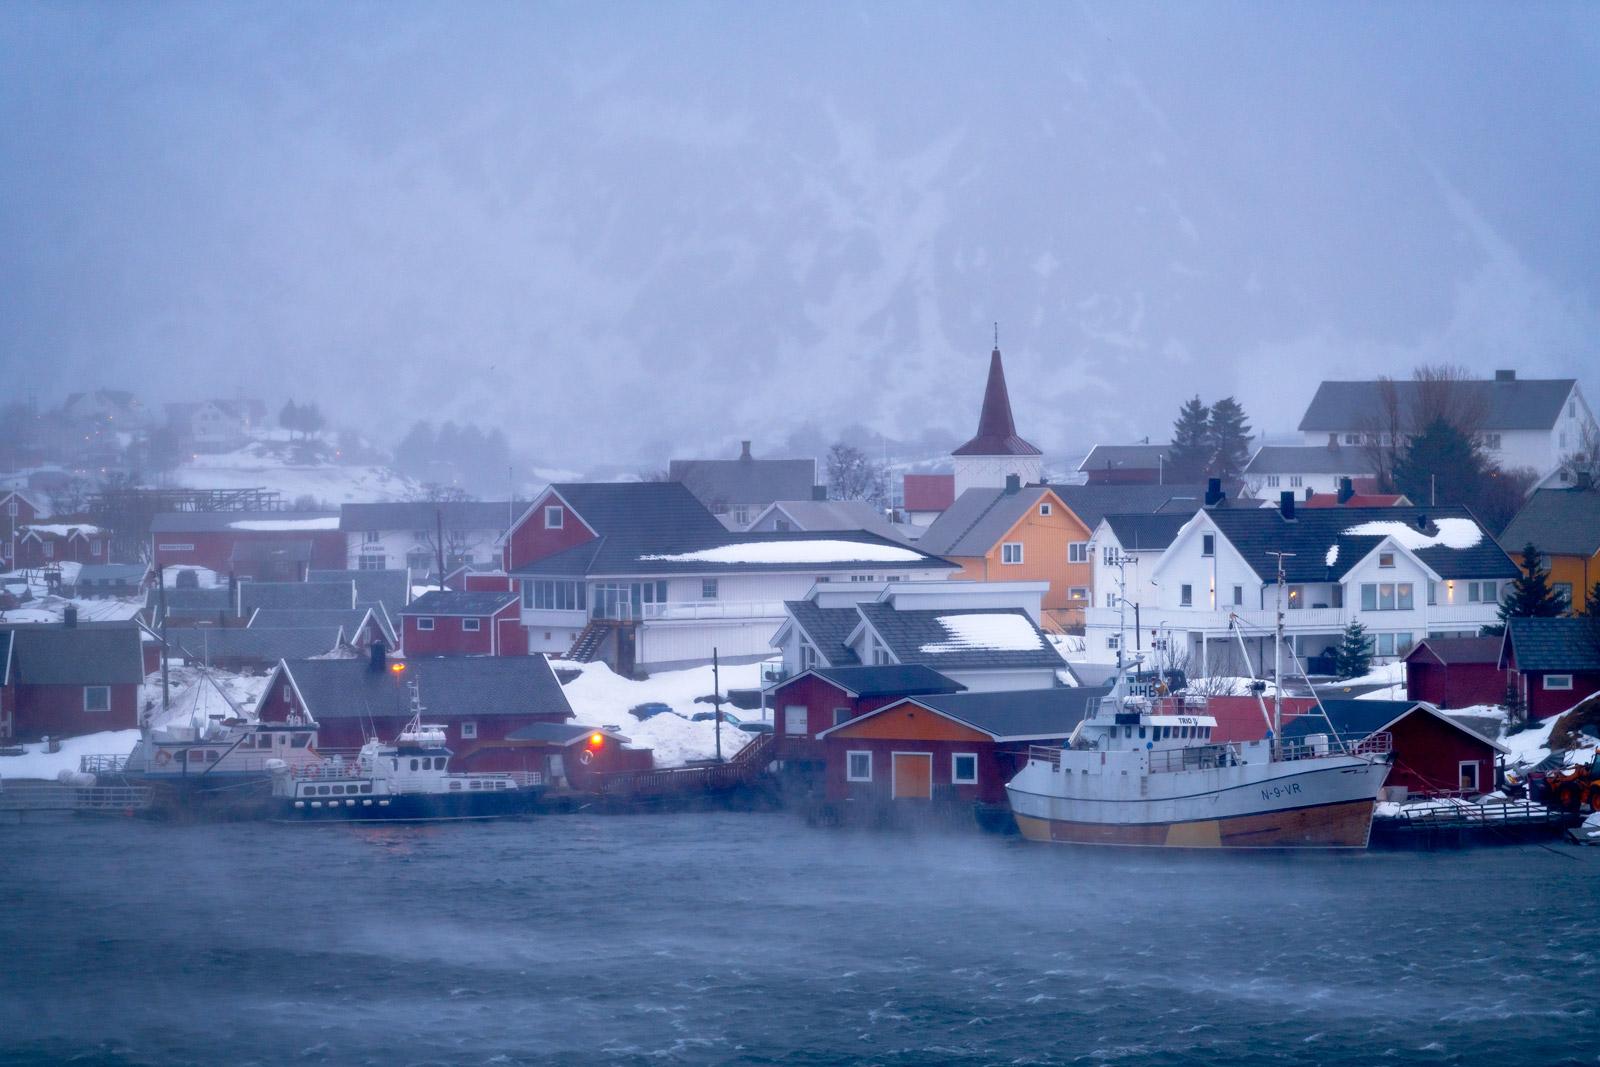 Norway, Reine, Harbor, Storm, Lofoten Islands, photo